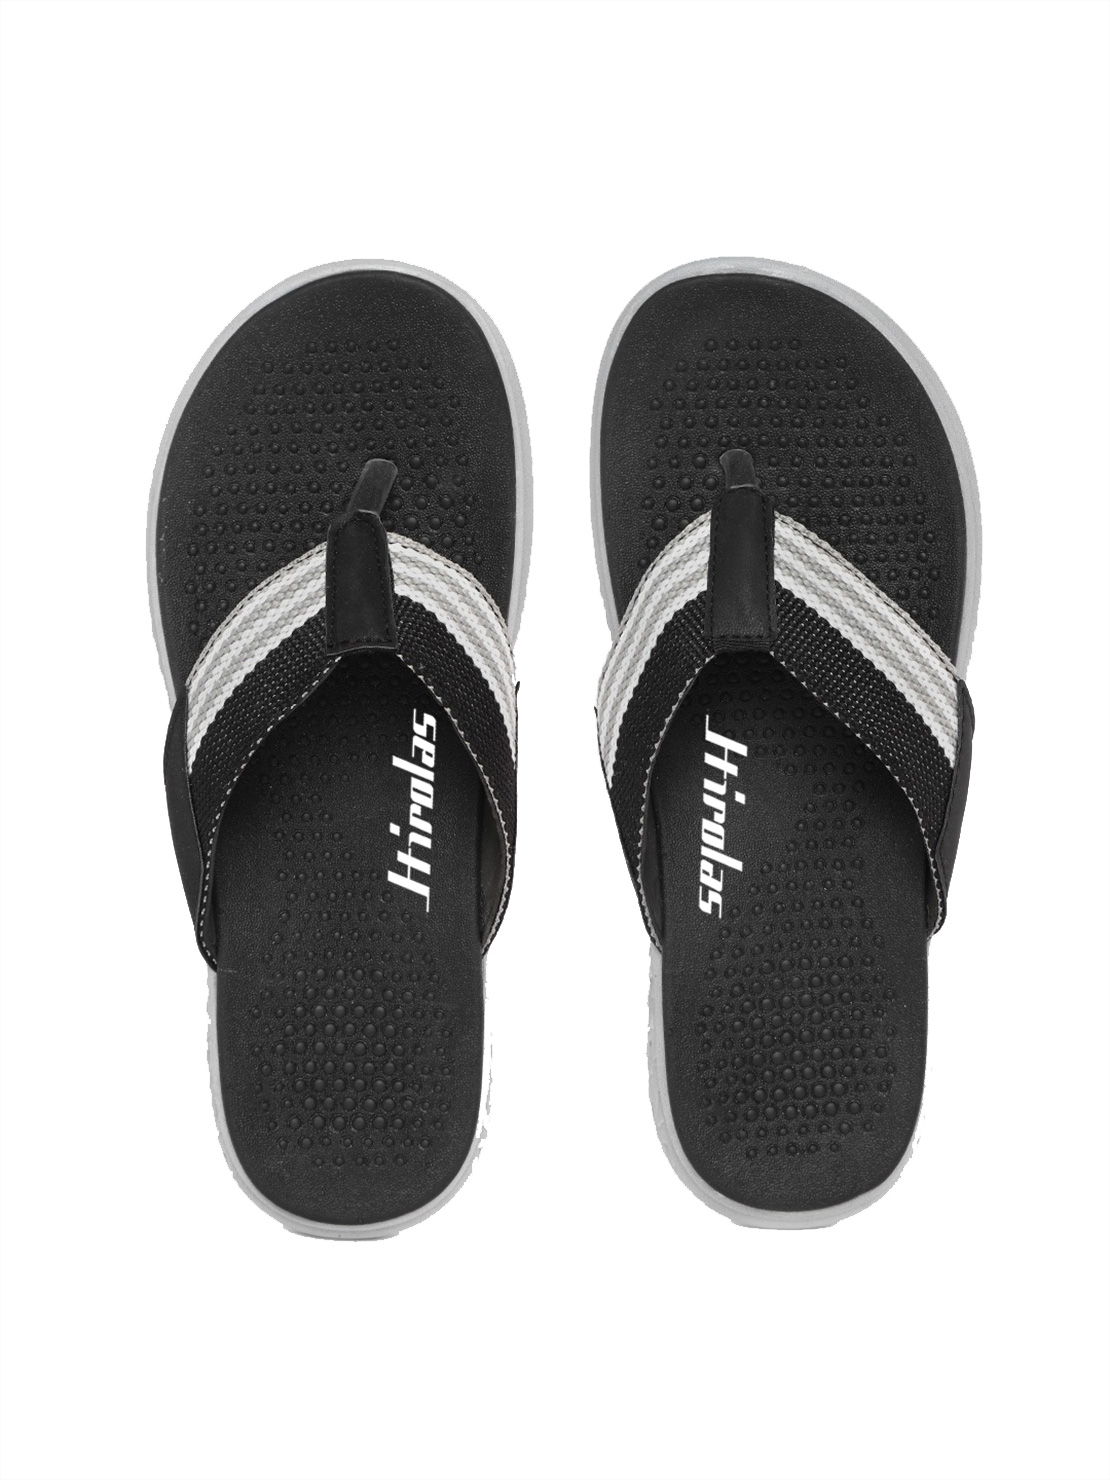 Hirolas | Hirolas® CLOUDWALK | Bounce Back Technology | Slippers for Men - Black